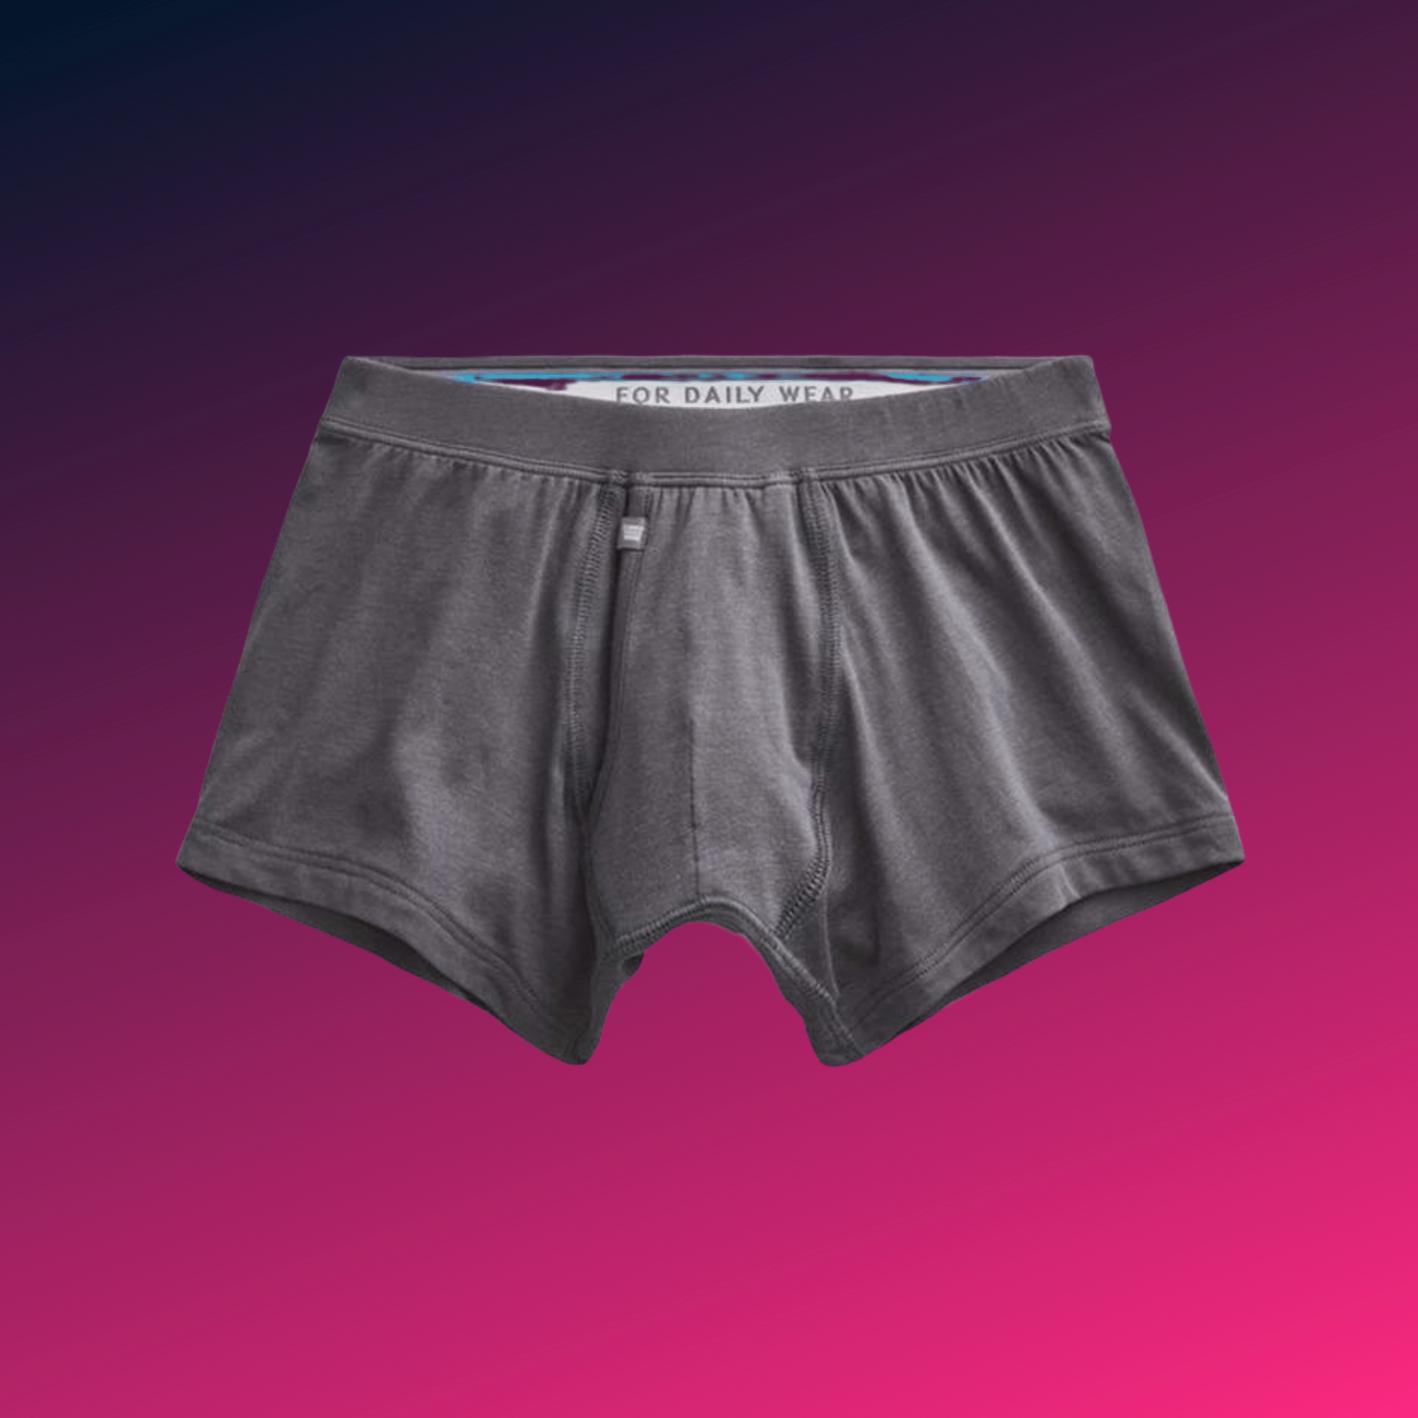 best men's underwear mack weldon silver trunks